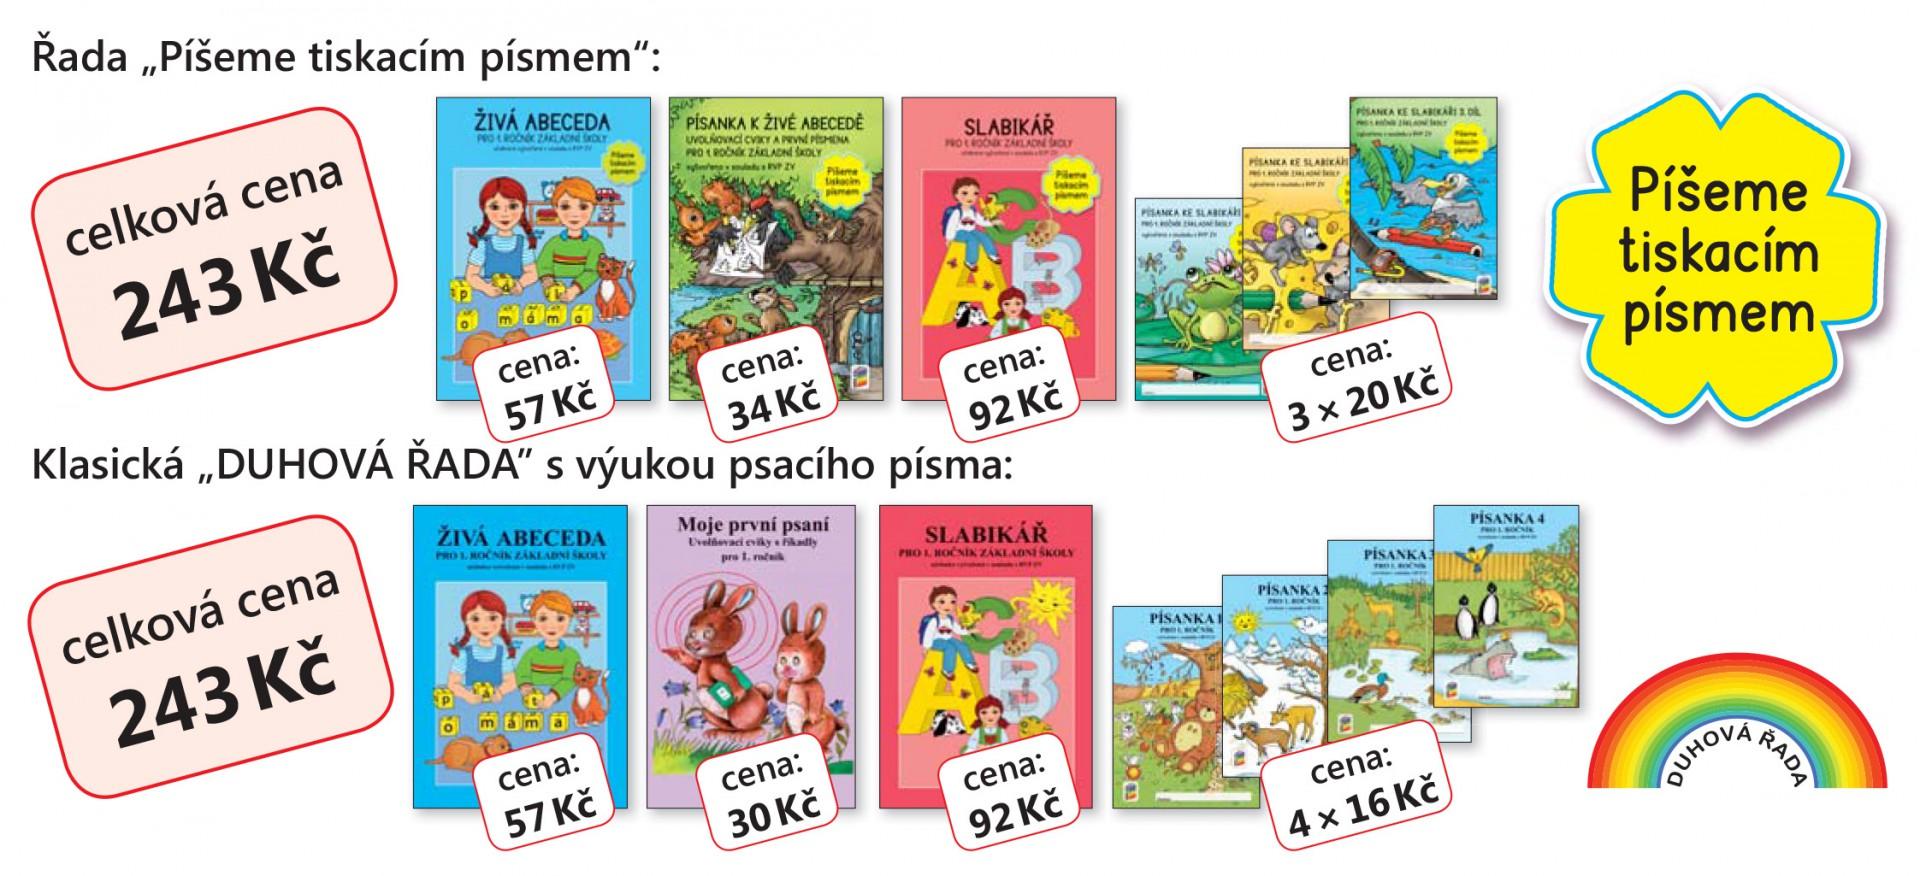 brožura k PTP_07-08-2014_3_.indd